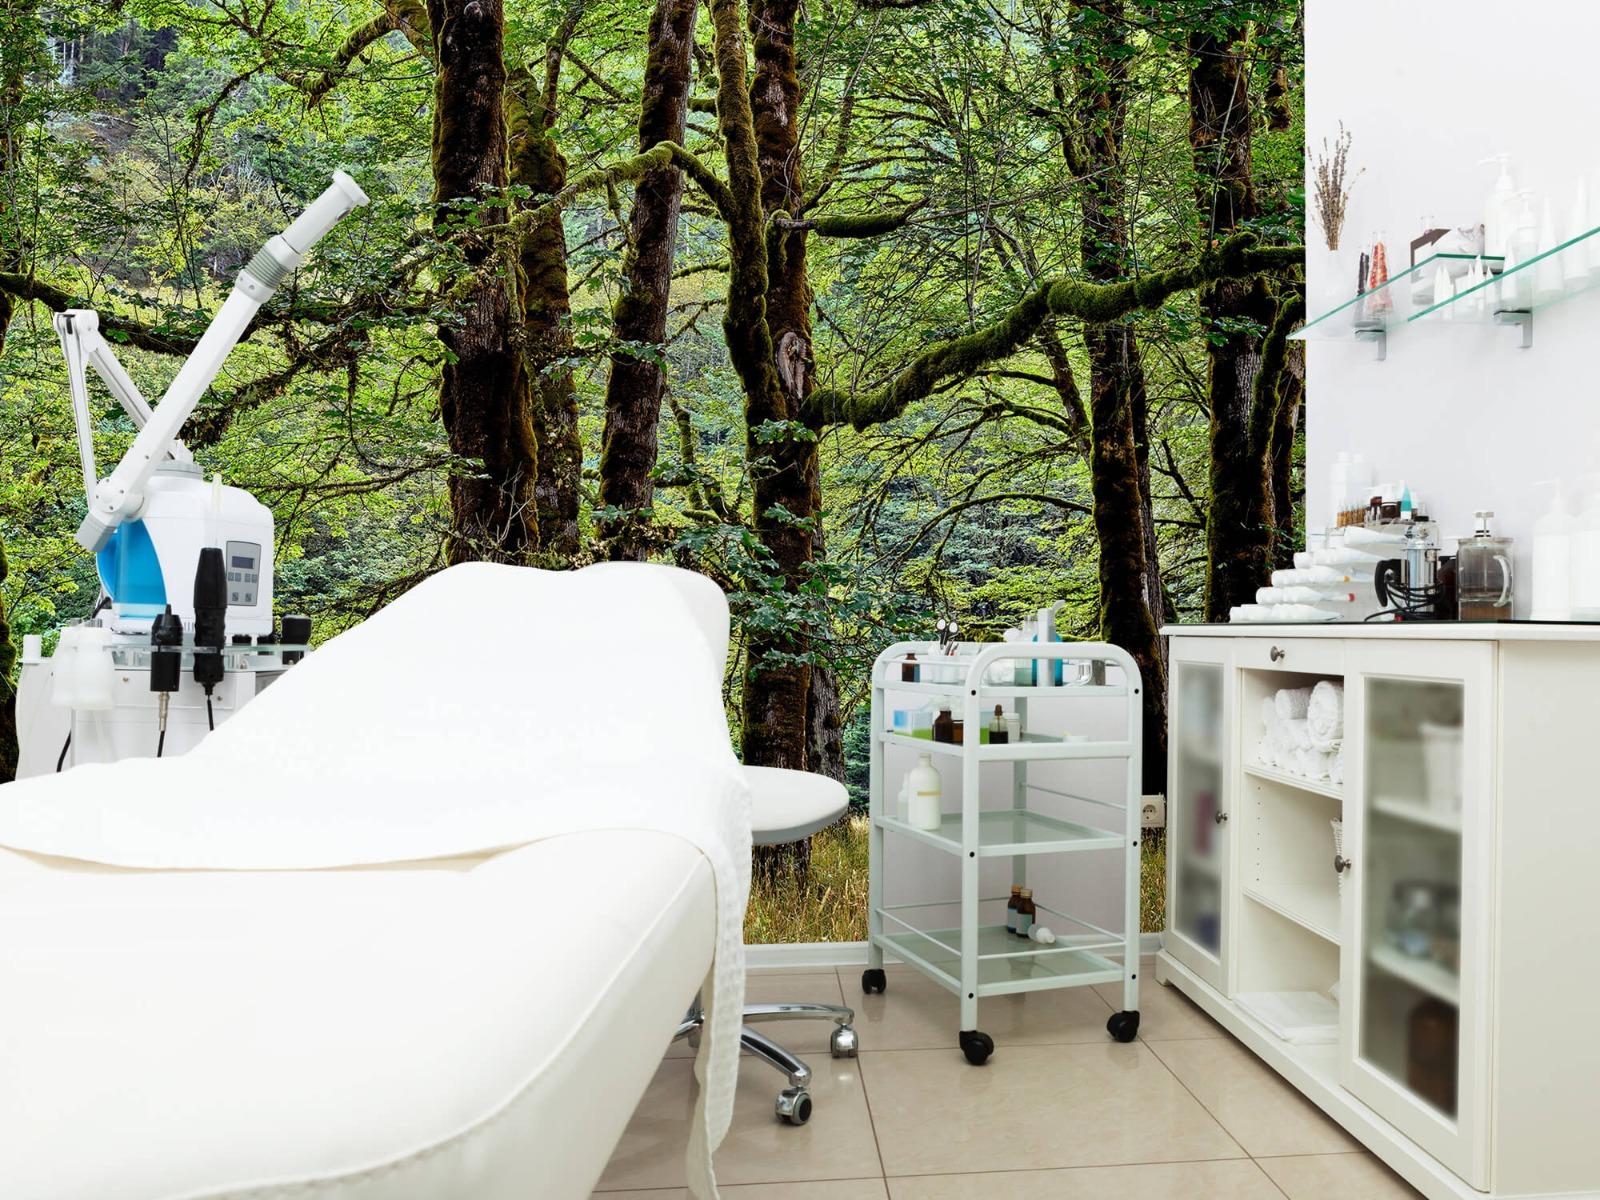 Bomen - Bomen met mos - Wallexclusive - Slaapkamer 6